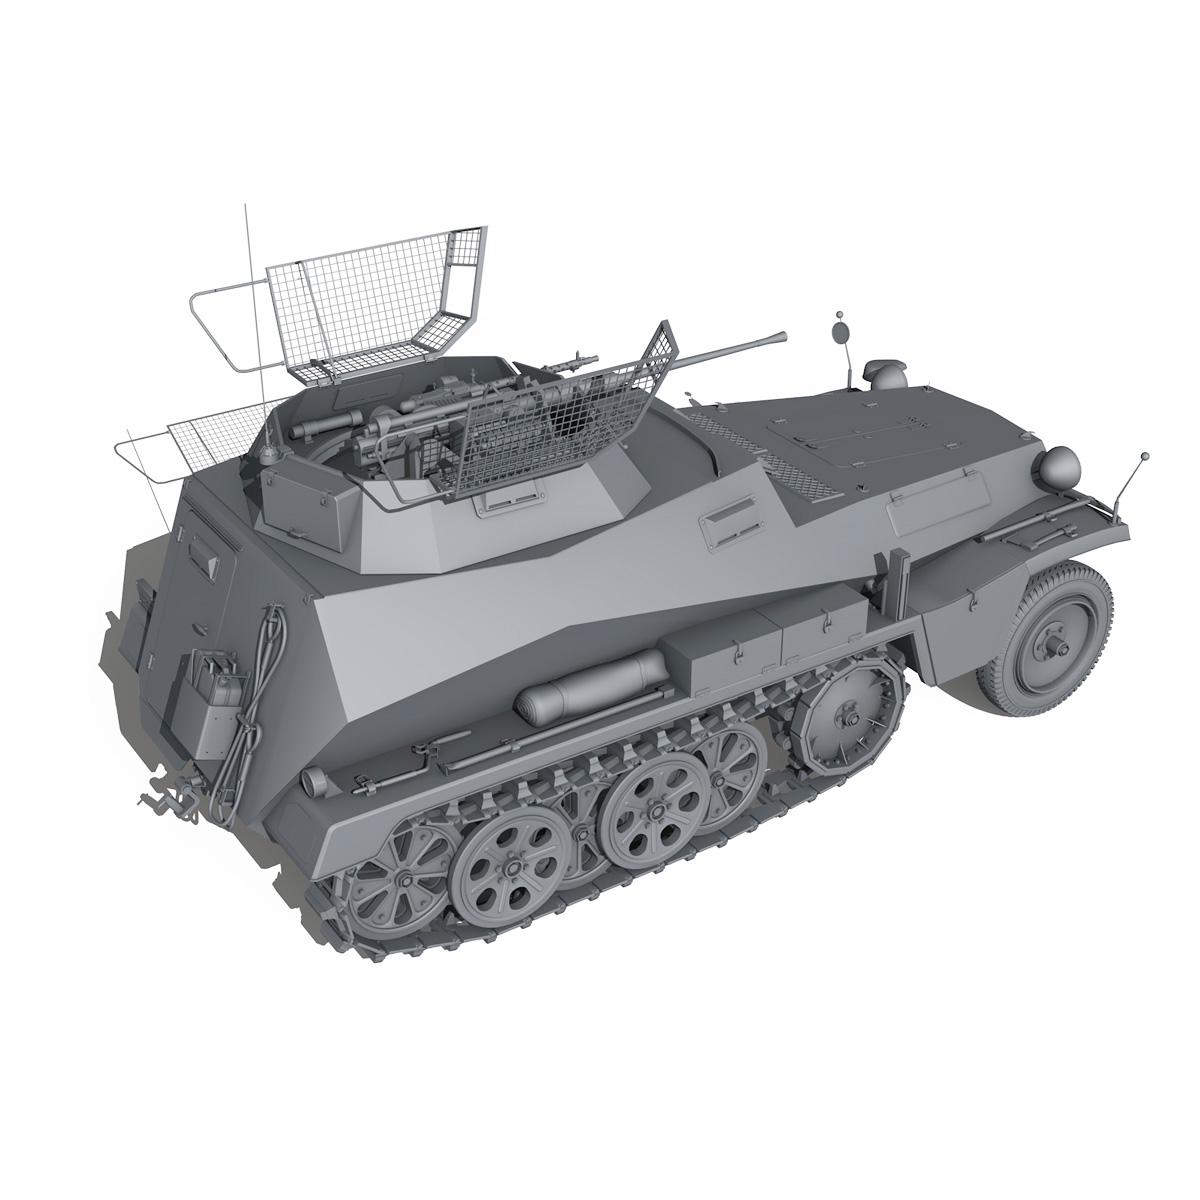 sd.kfz 250/9 – half-track reconnaissance vehicle 3d model 3ds fbx c4d lwo obj 202273